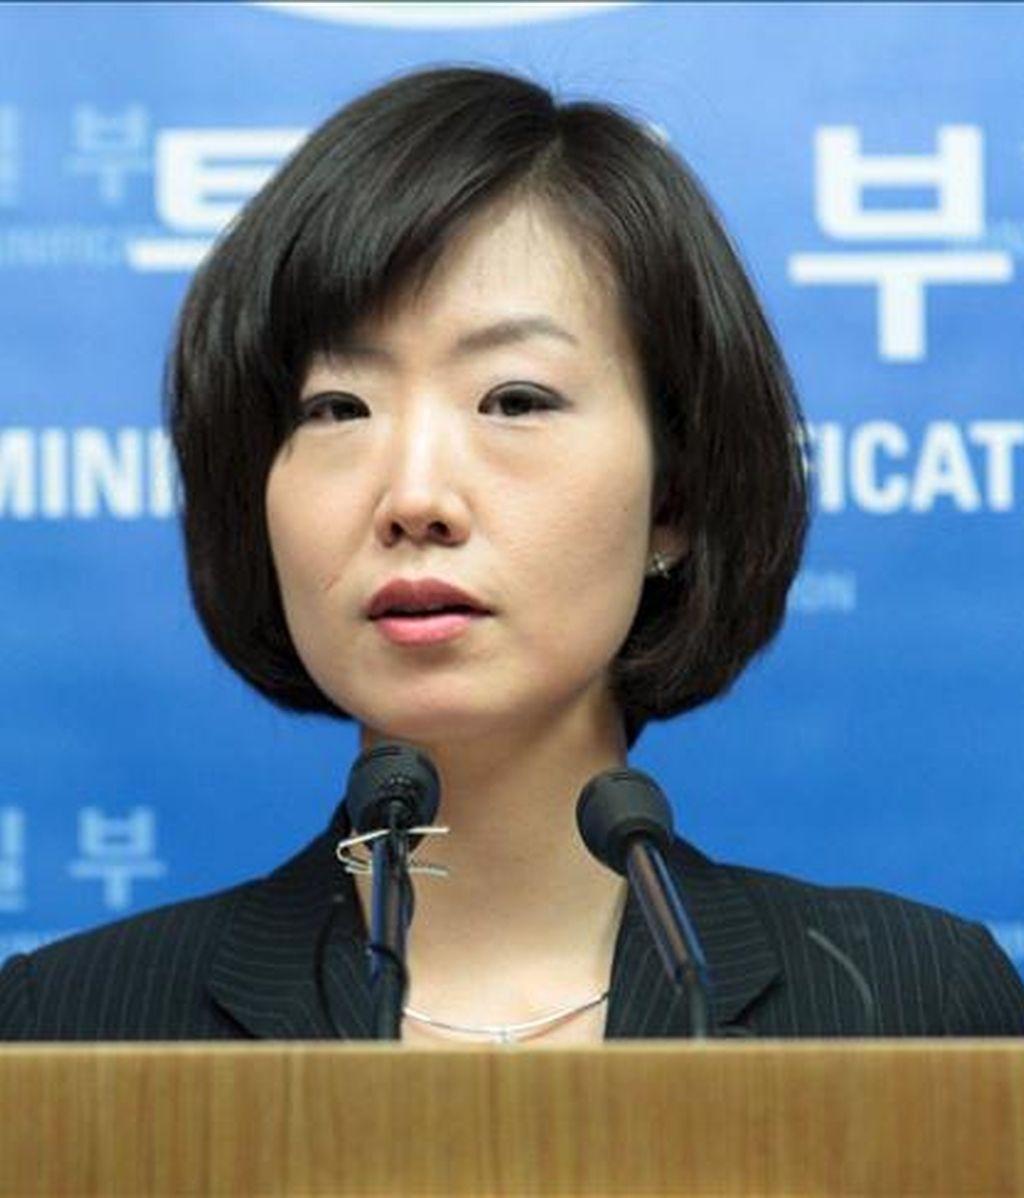 Seúl enviará representantes a Pyongyang para su primer encuentro en un año. En la imagen, la portavoz ministerial Lee Jong-joo. EFE/Archivo